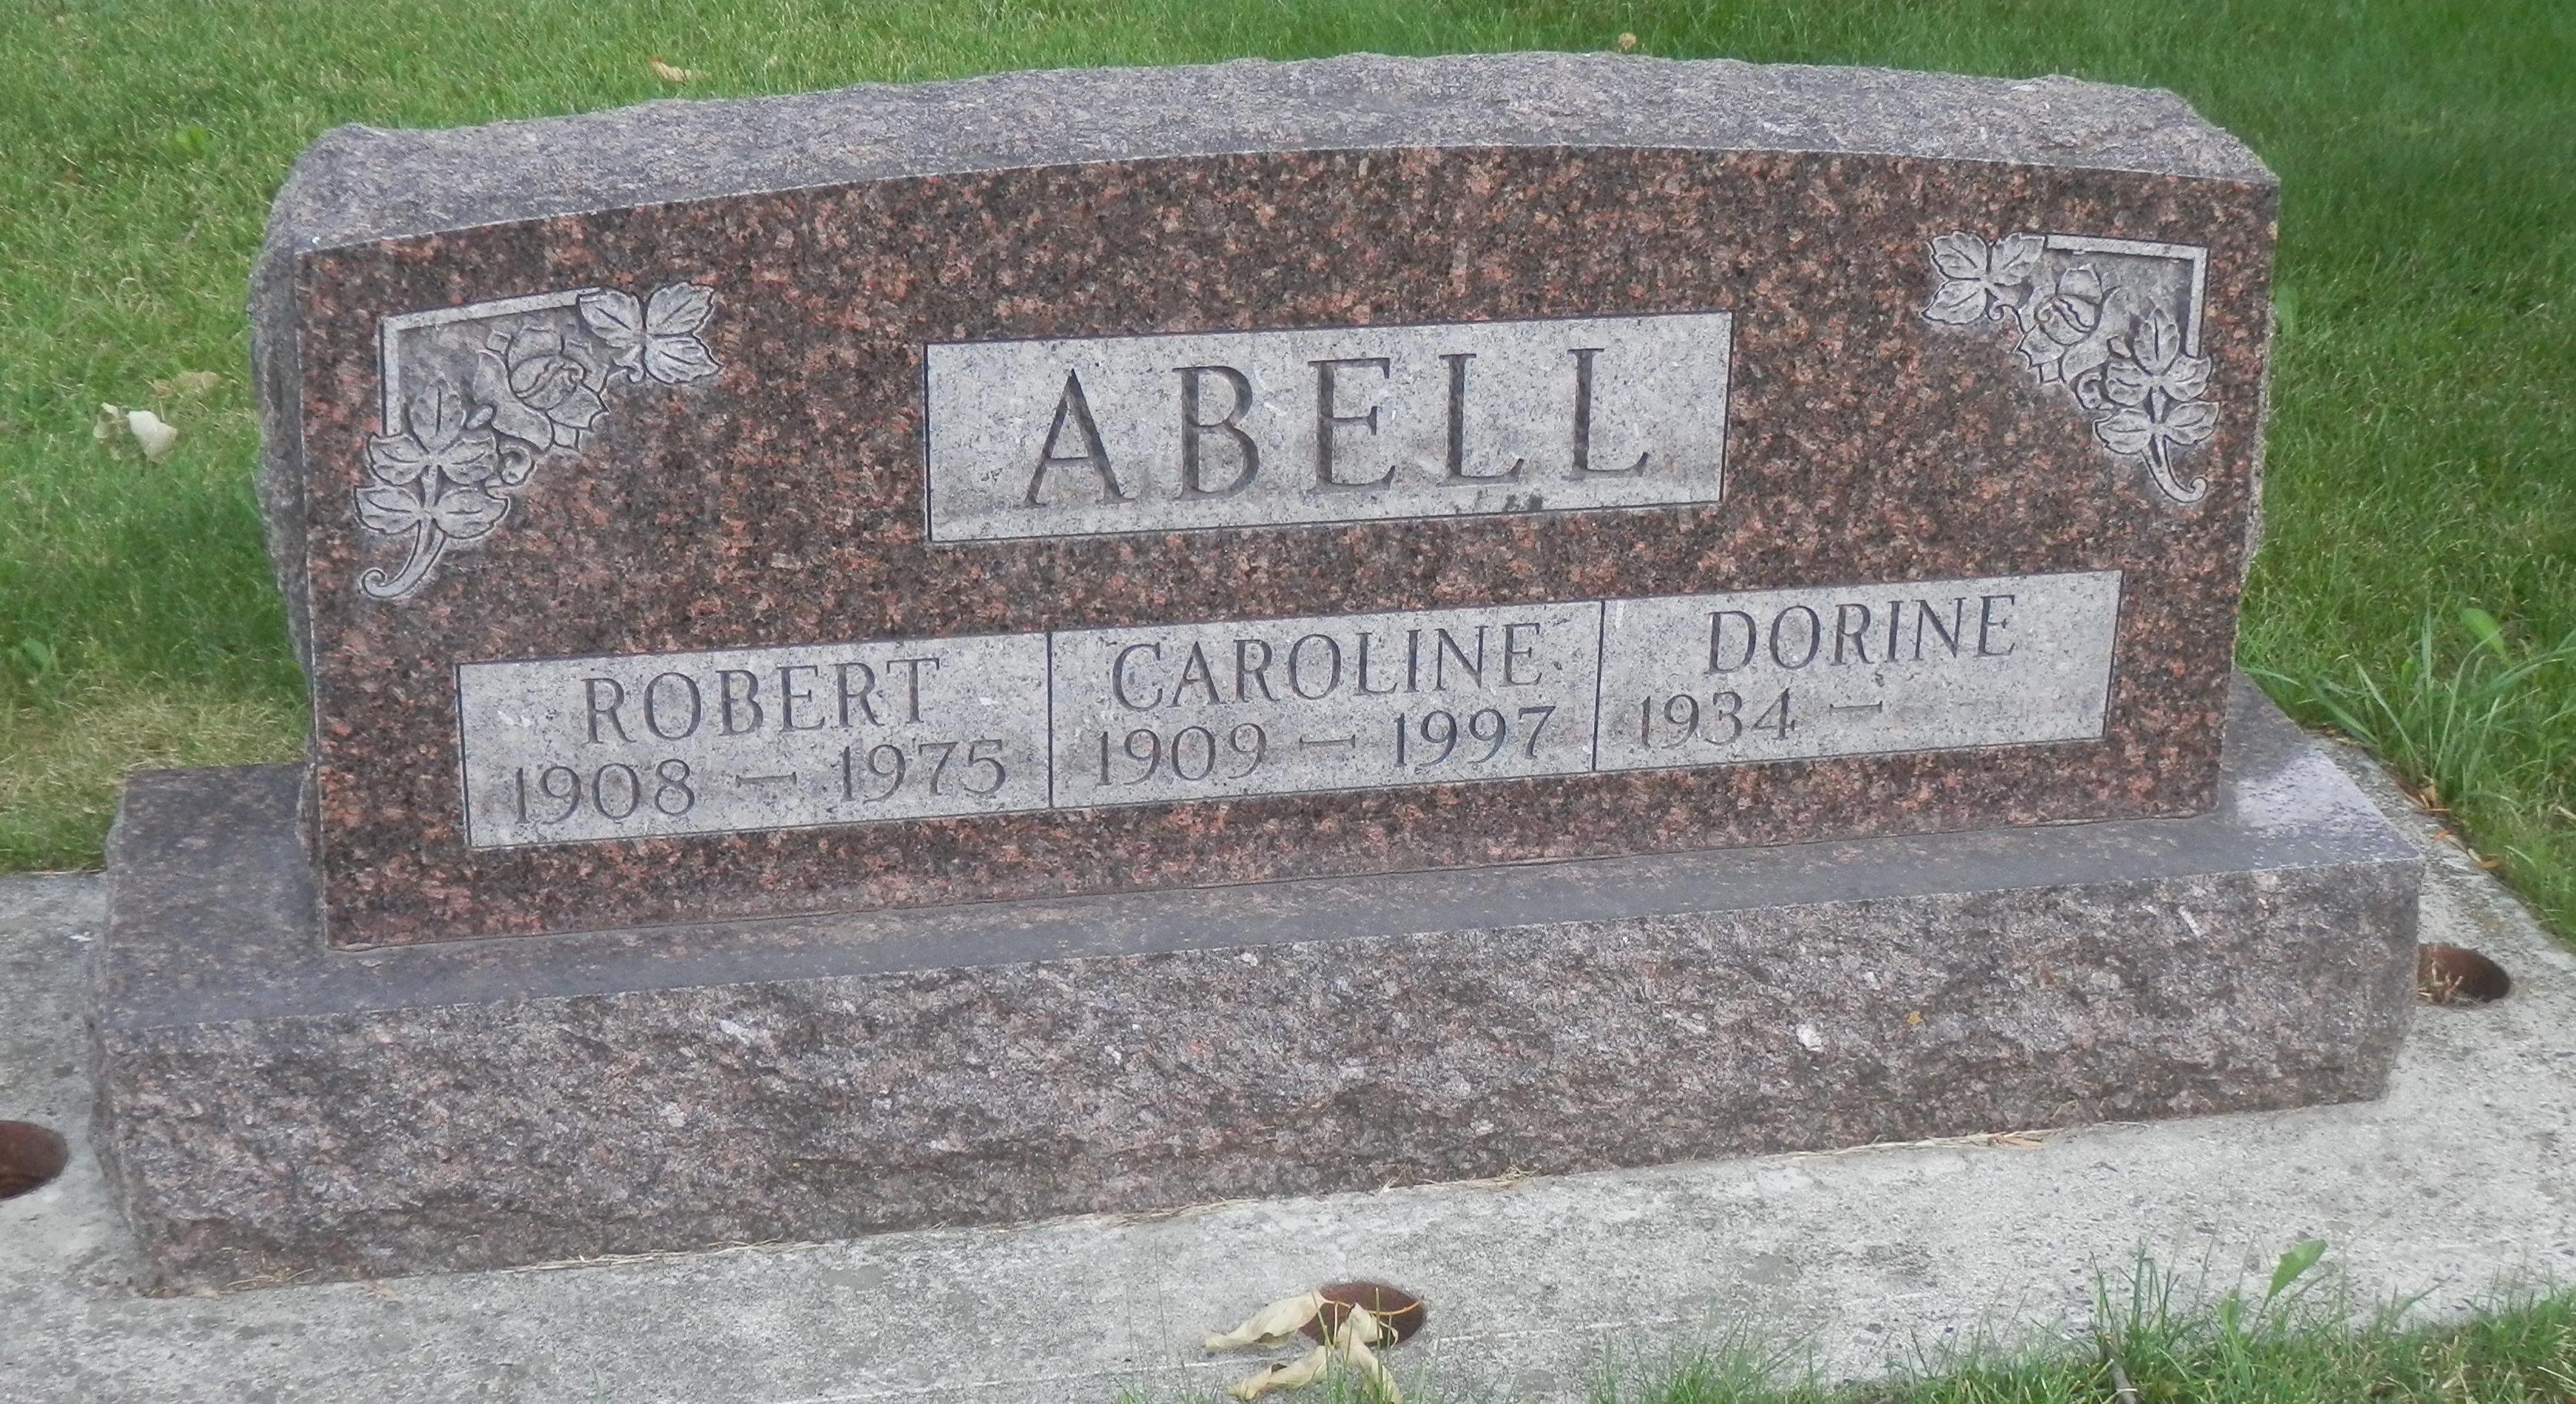 Robert Lee Abell